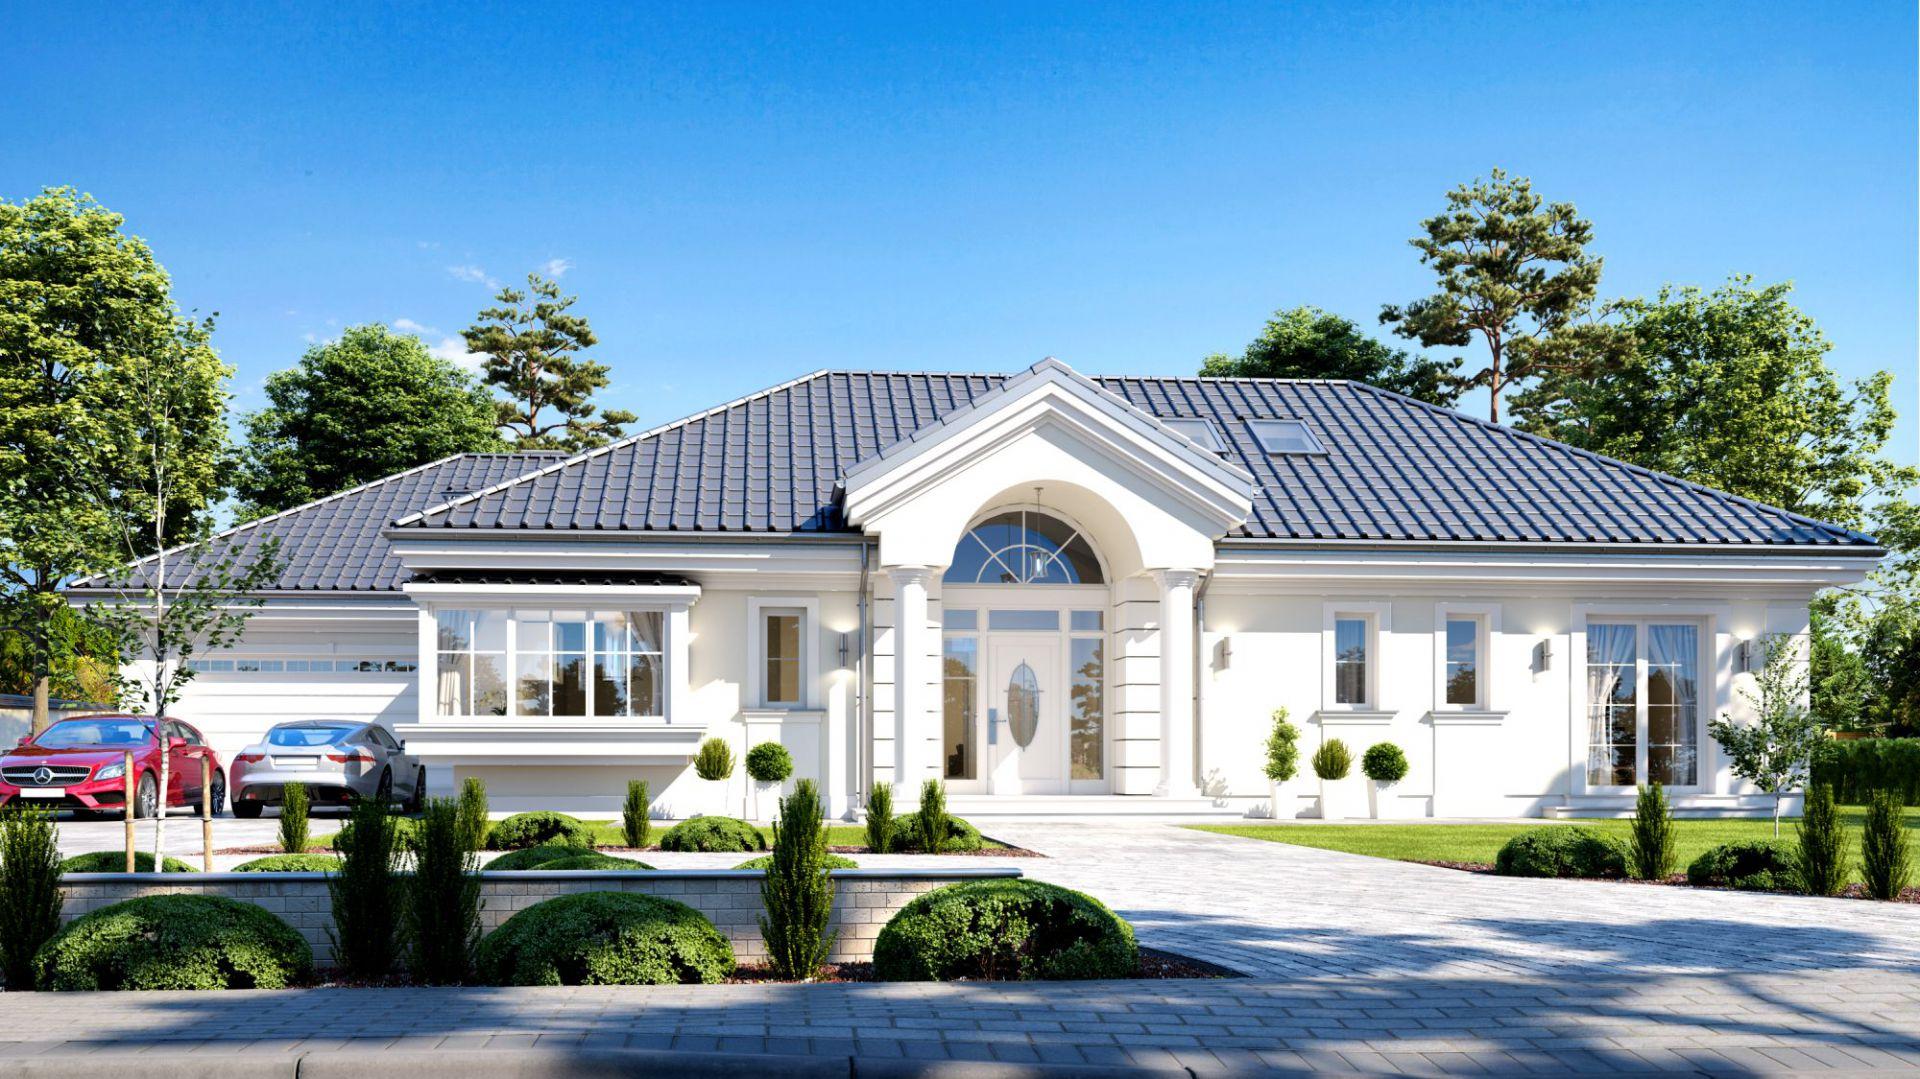 Dom jest duży (o powierzchni 207 m2), parterowy, z dodatkowym strychem – poddaszem, które może pozostać pustą przestrzenią nad parterem, ale też może pełnić rolę poddasza użytkowego. Dom Willa Parkowa 6. Projekt: arch. Michał Gąsiorowski. Fot. MG Projekt